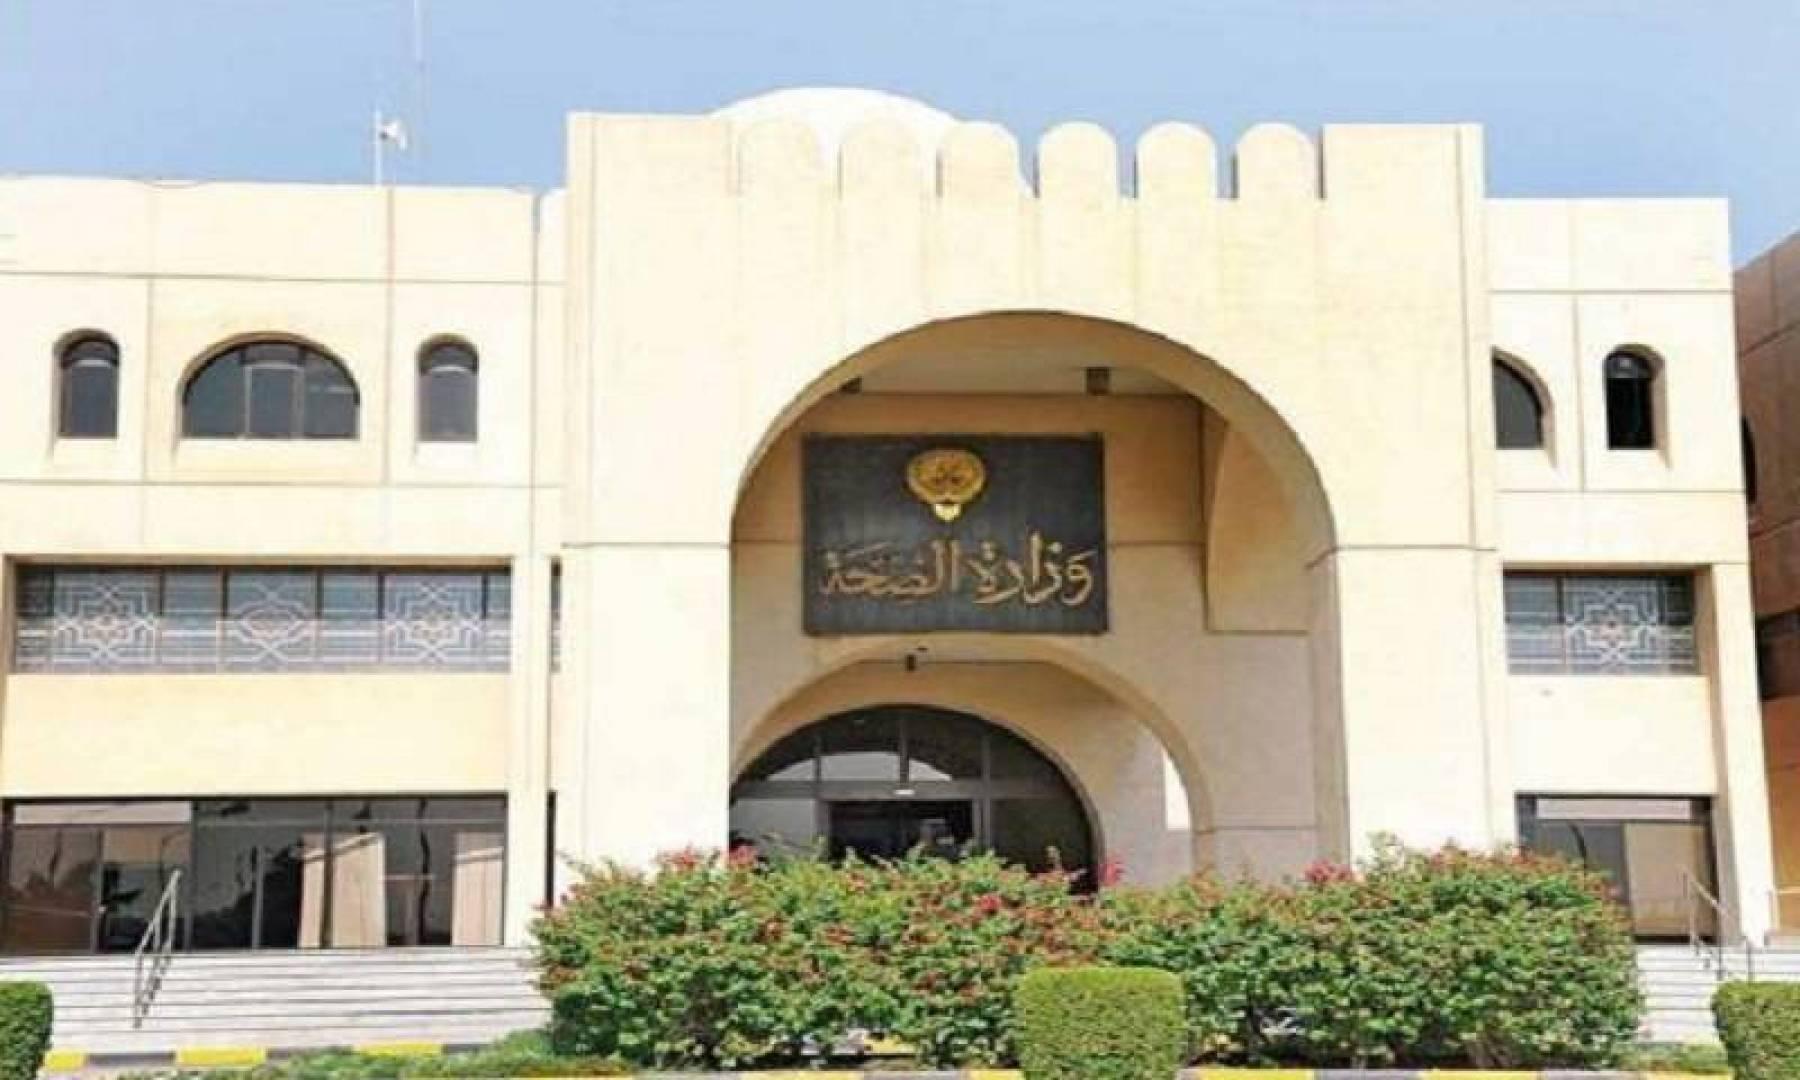 وزارة الصحة تنفي عدم استقبال مواطن مصاب بكورونا لعدم وجود جهاز تنفس